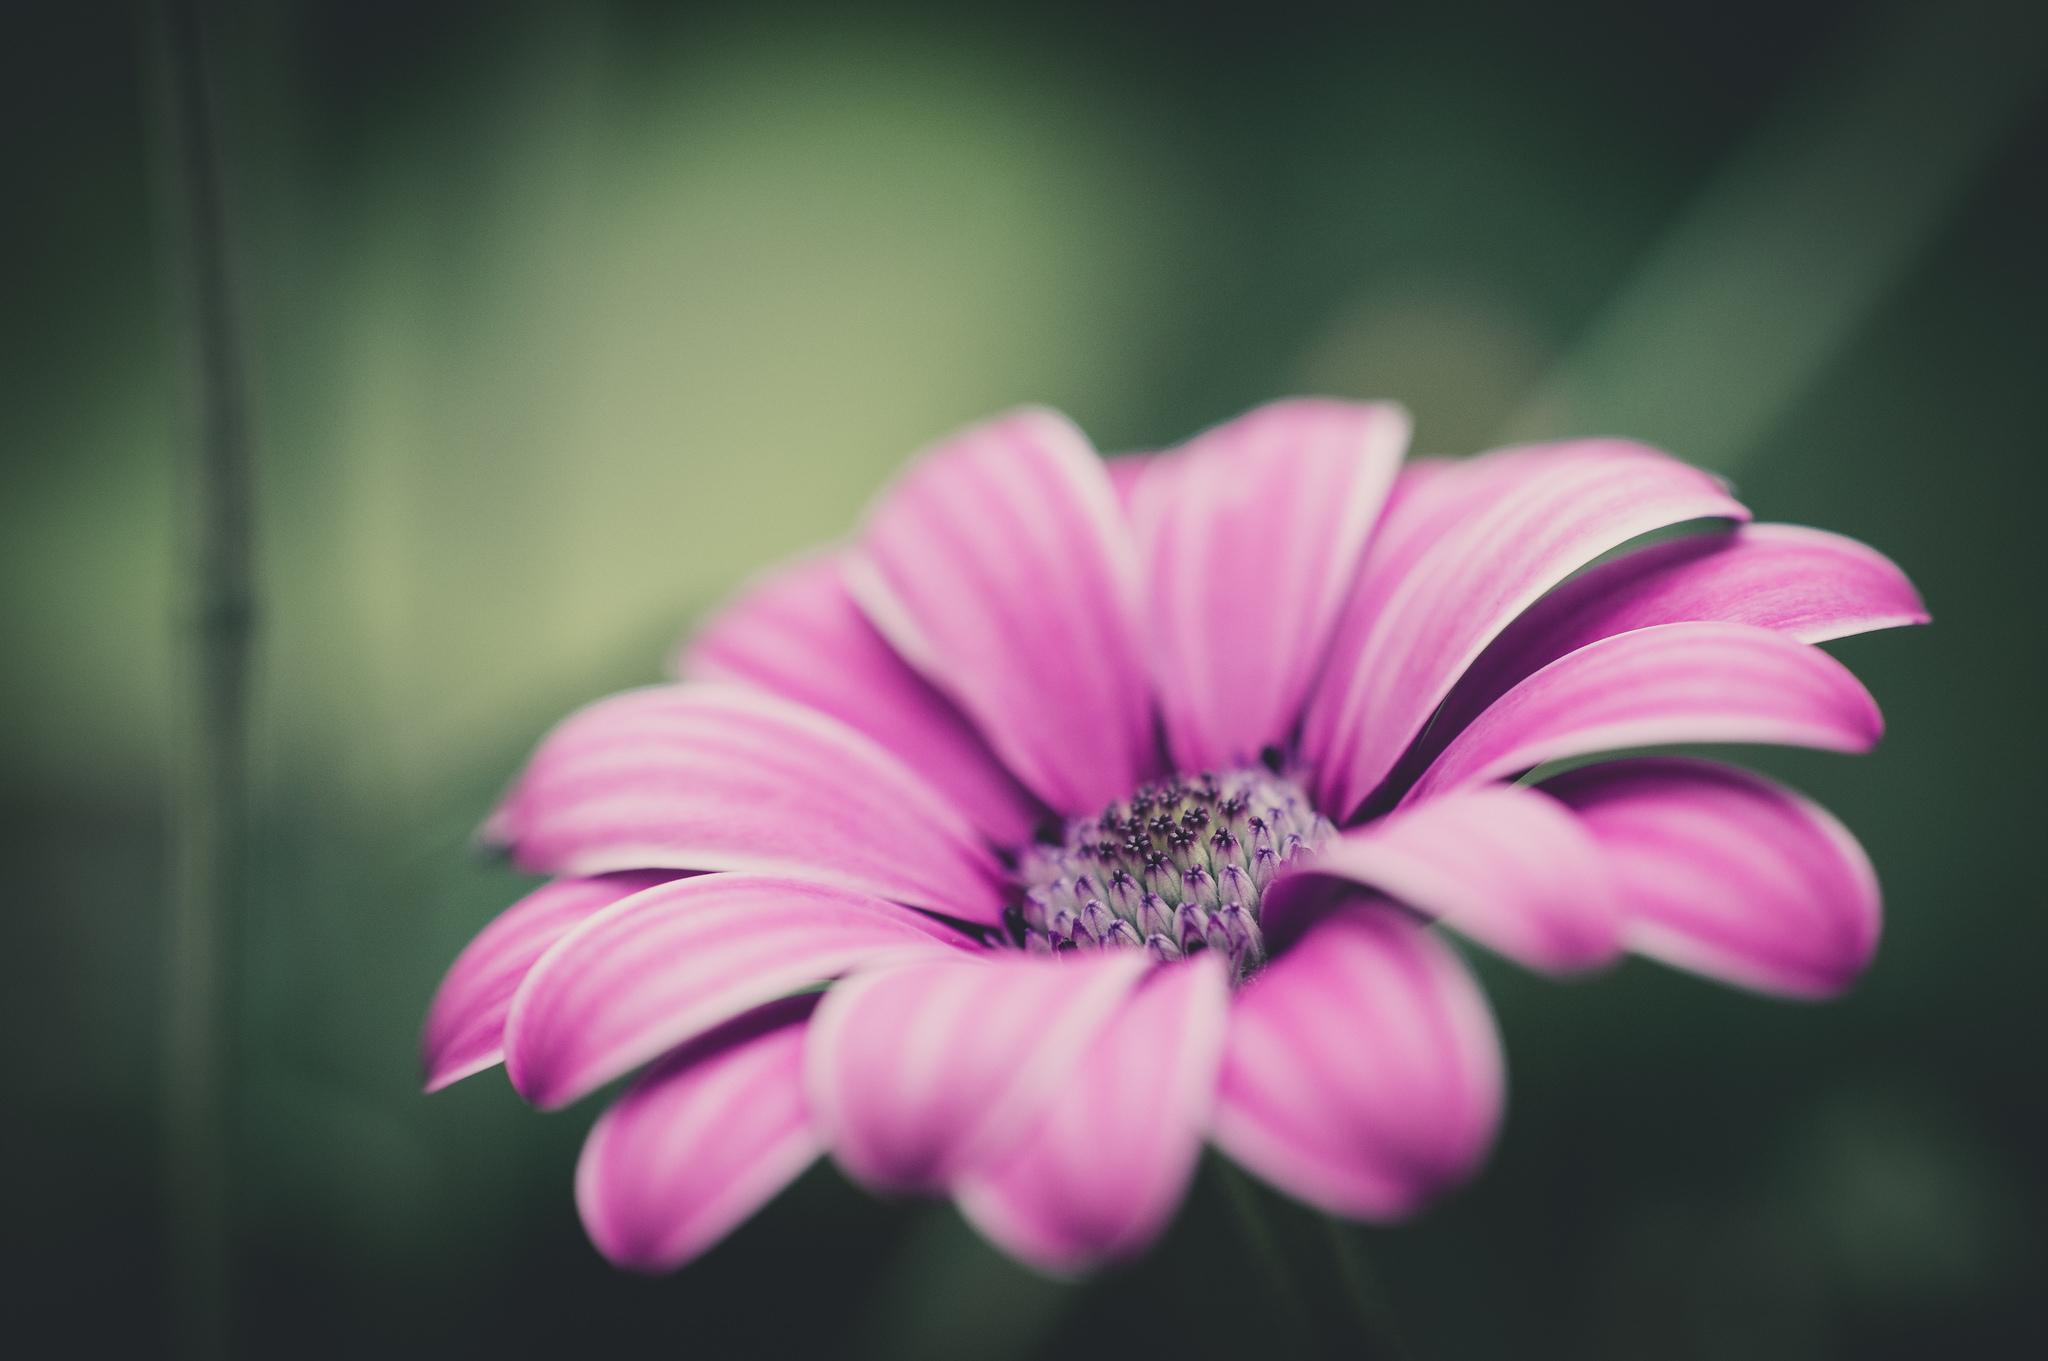 цветы макро розовые  № 1347133 загрузить